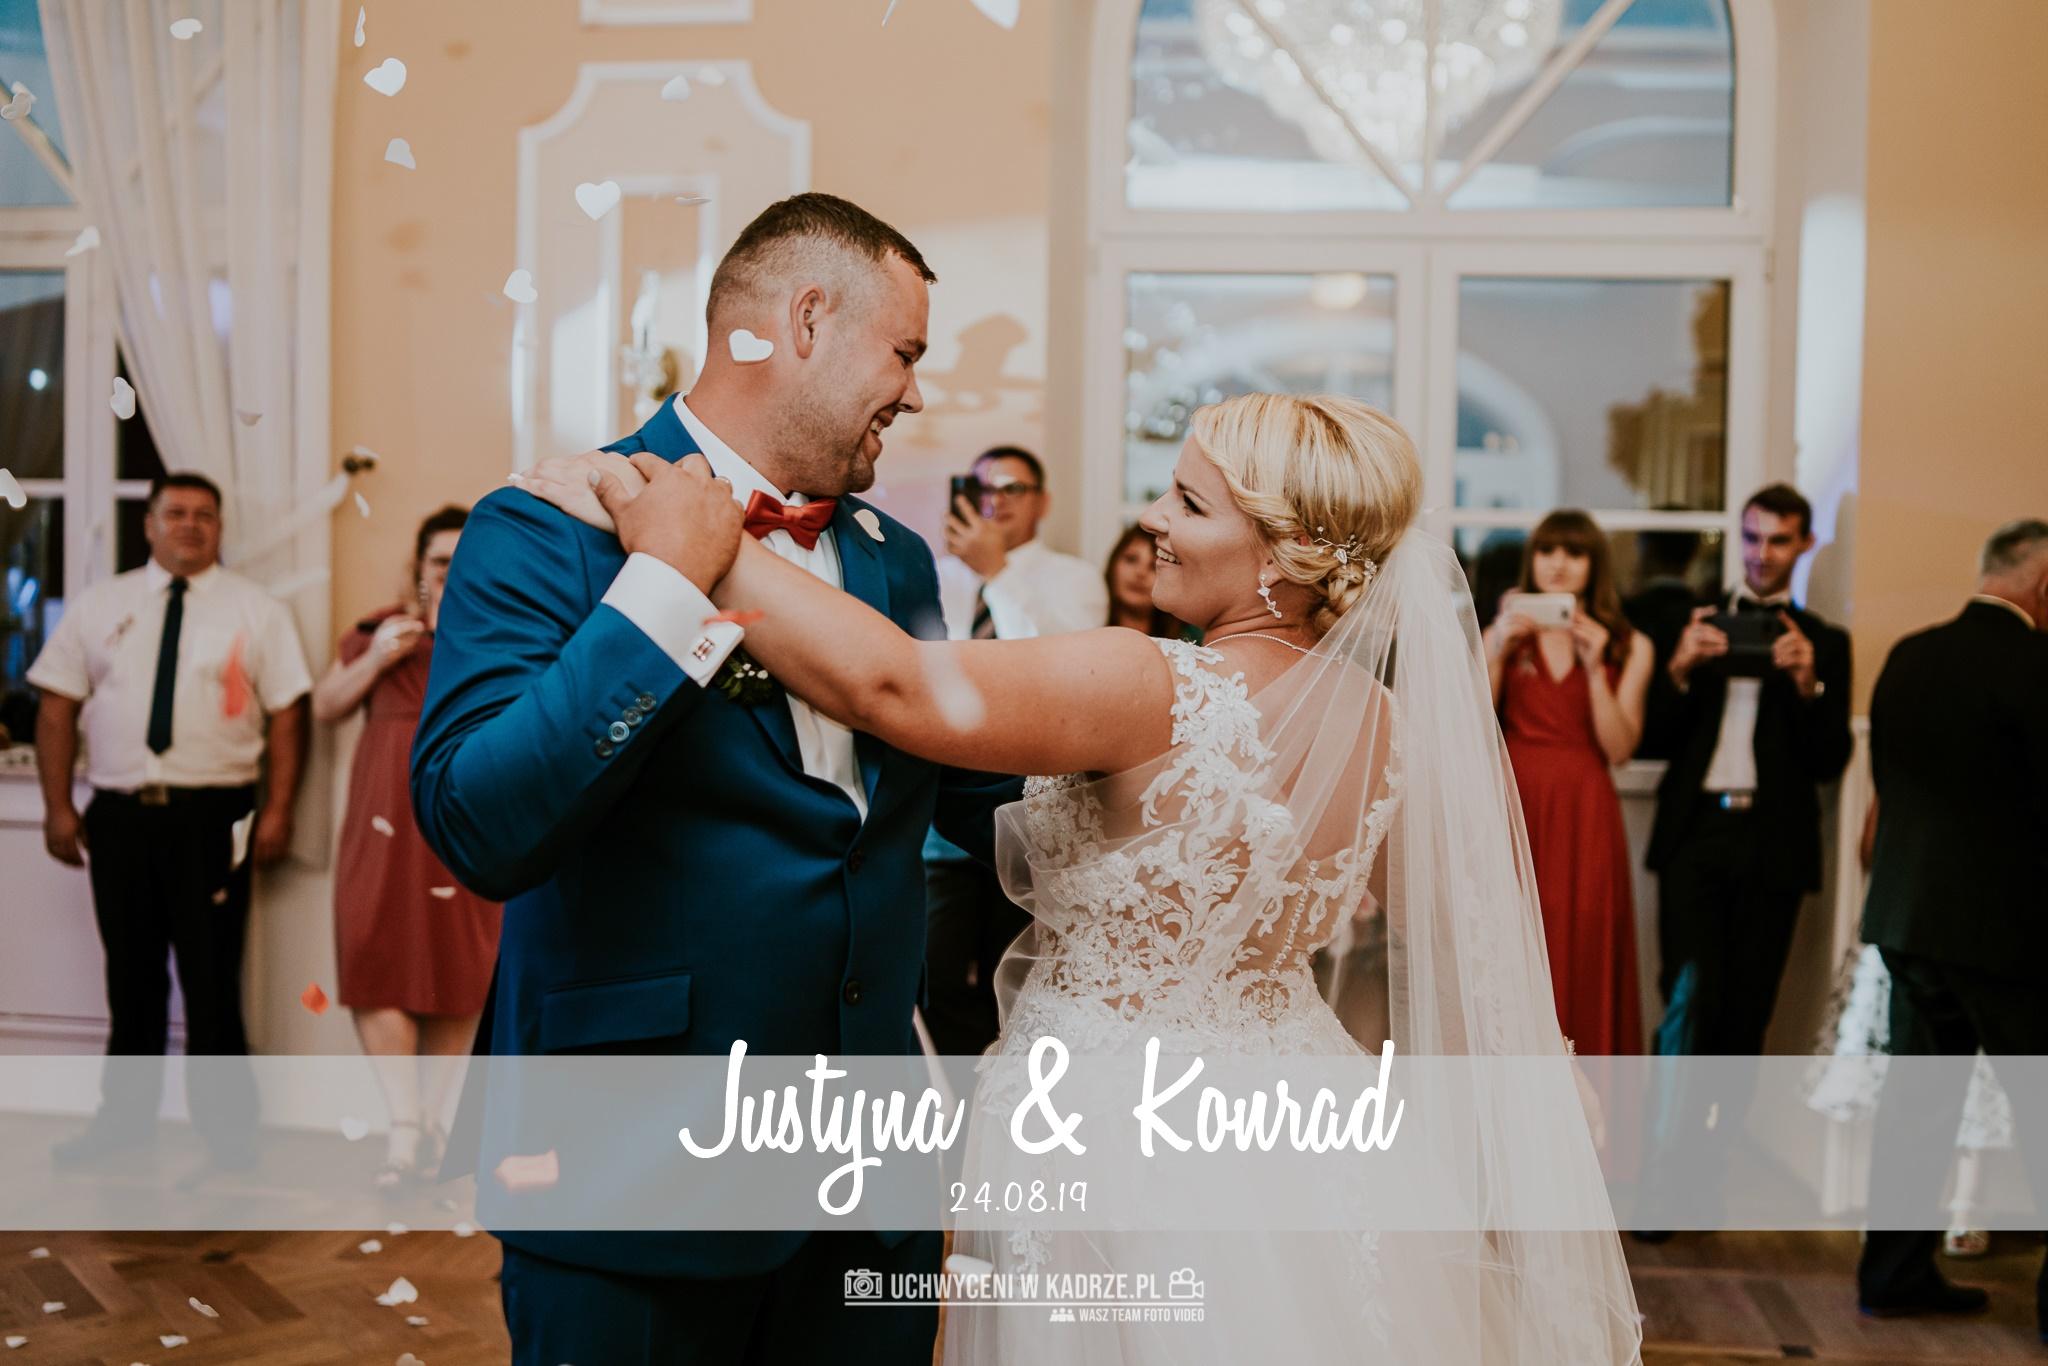 Justyna & Konrad | Fotografia Ślubna w Hrubieszowie